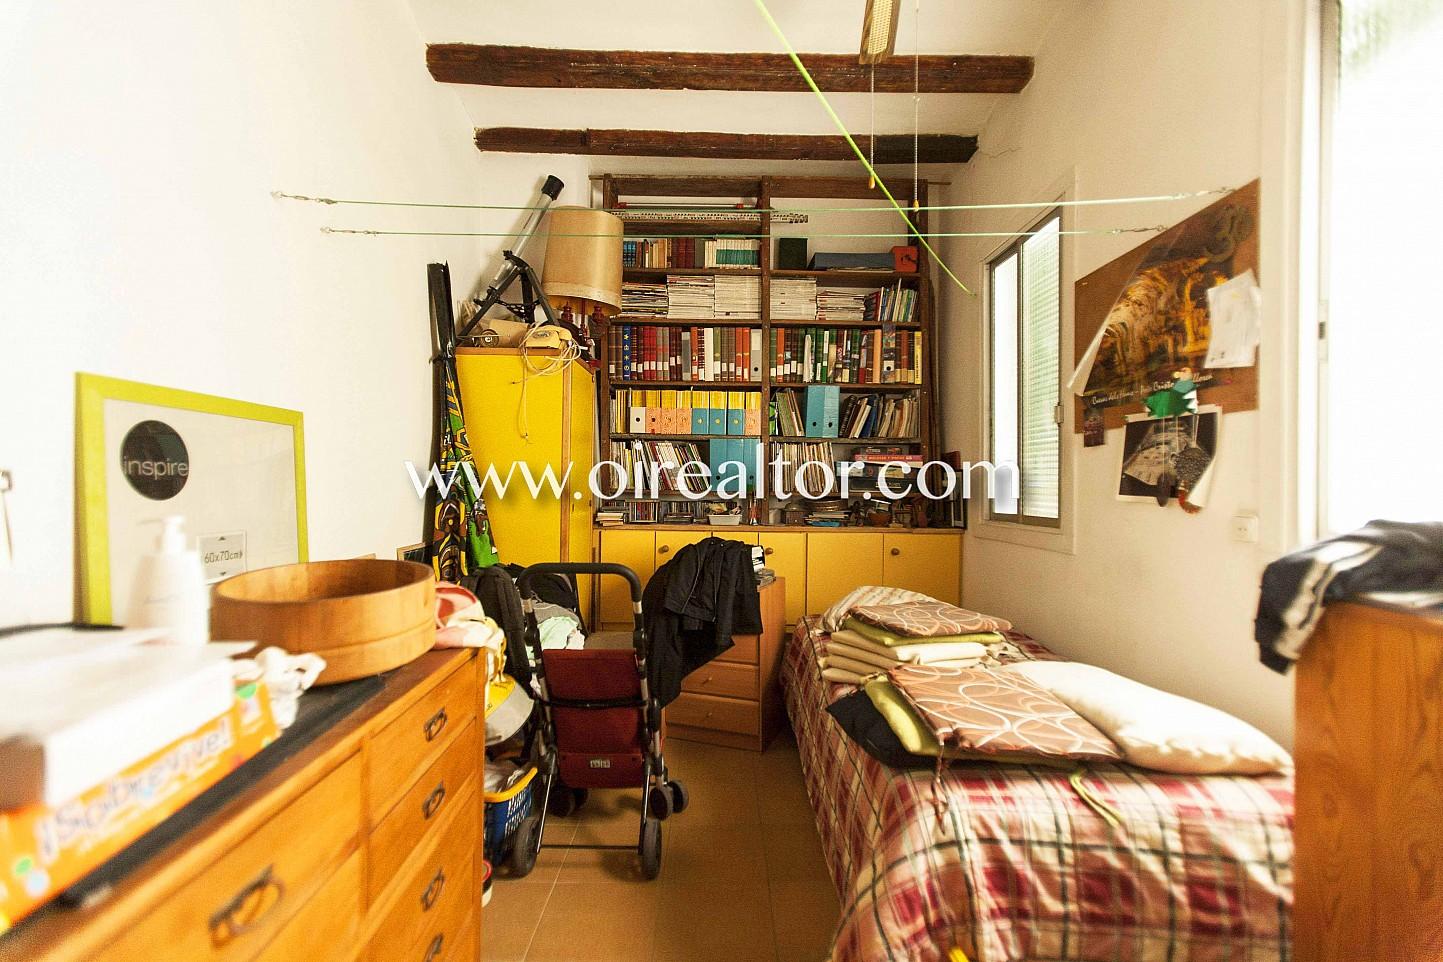 Dormitorio individual, habitación simple, cama, cama simple, despacho, librería